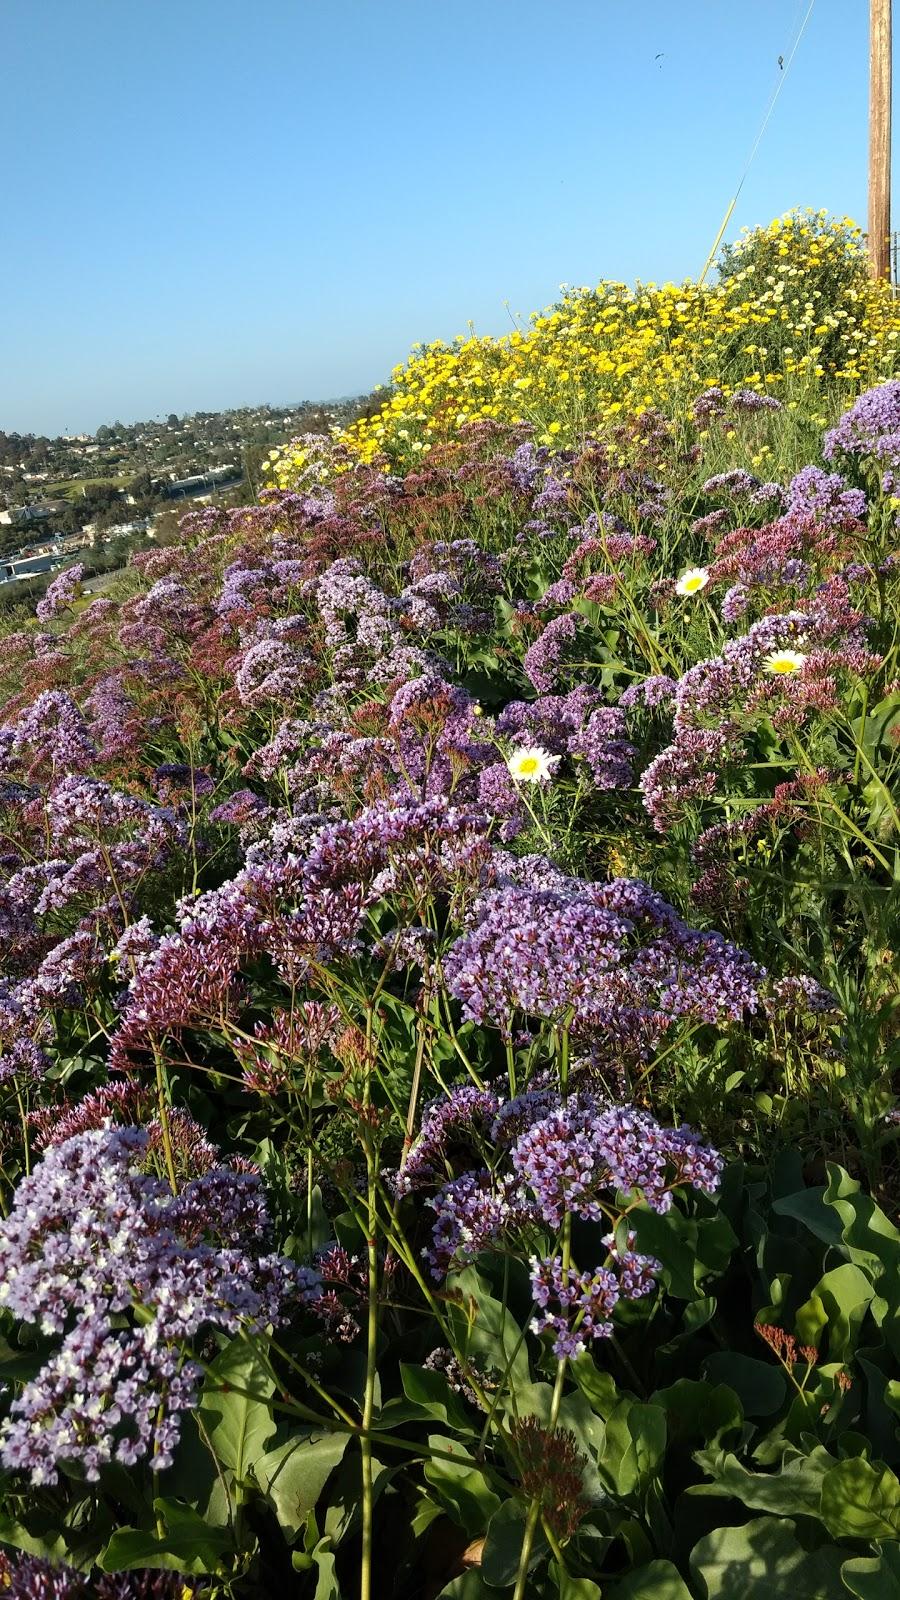 Joseph Carrasco Park - park  | Photo 2 of 8 | Address: 2506 Skylark Dr, Oceanside, CA 92054, USA | Phone: (760) 435-5041